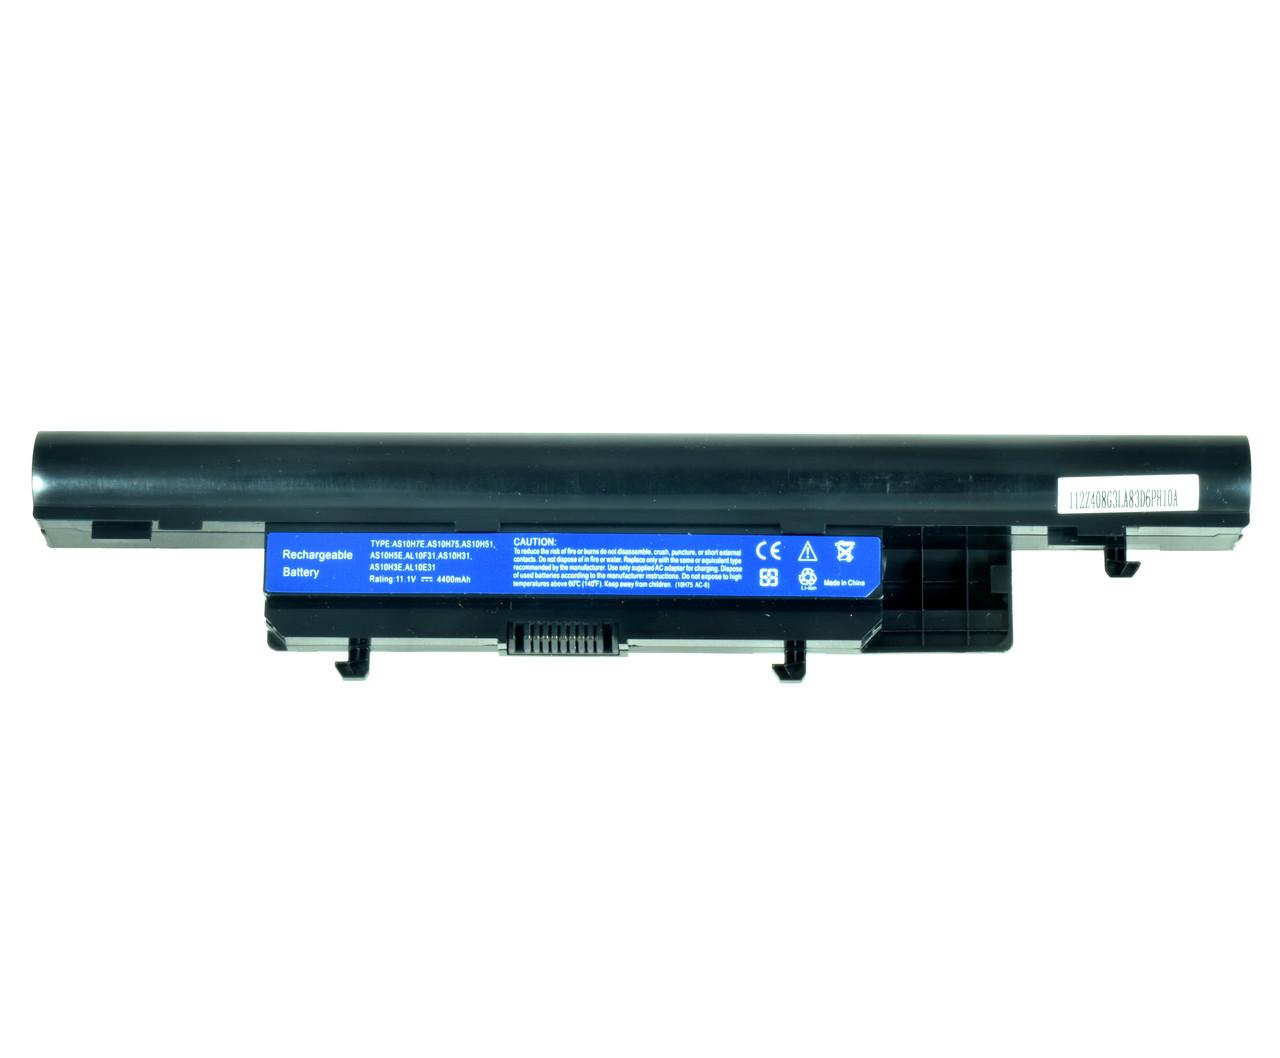 Батарея для ноутбука Gateway EC39C EC39C01c EC39C01u EC39C01w EC39C-N52B EC49C EC49C06w ID53A ID59C